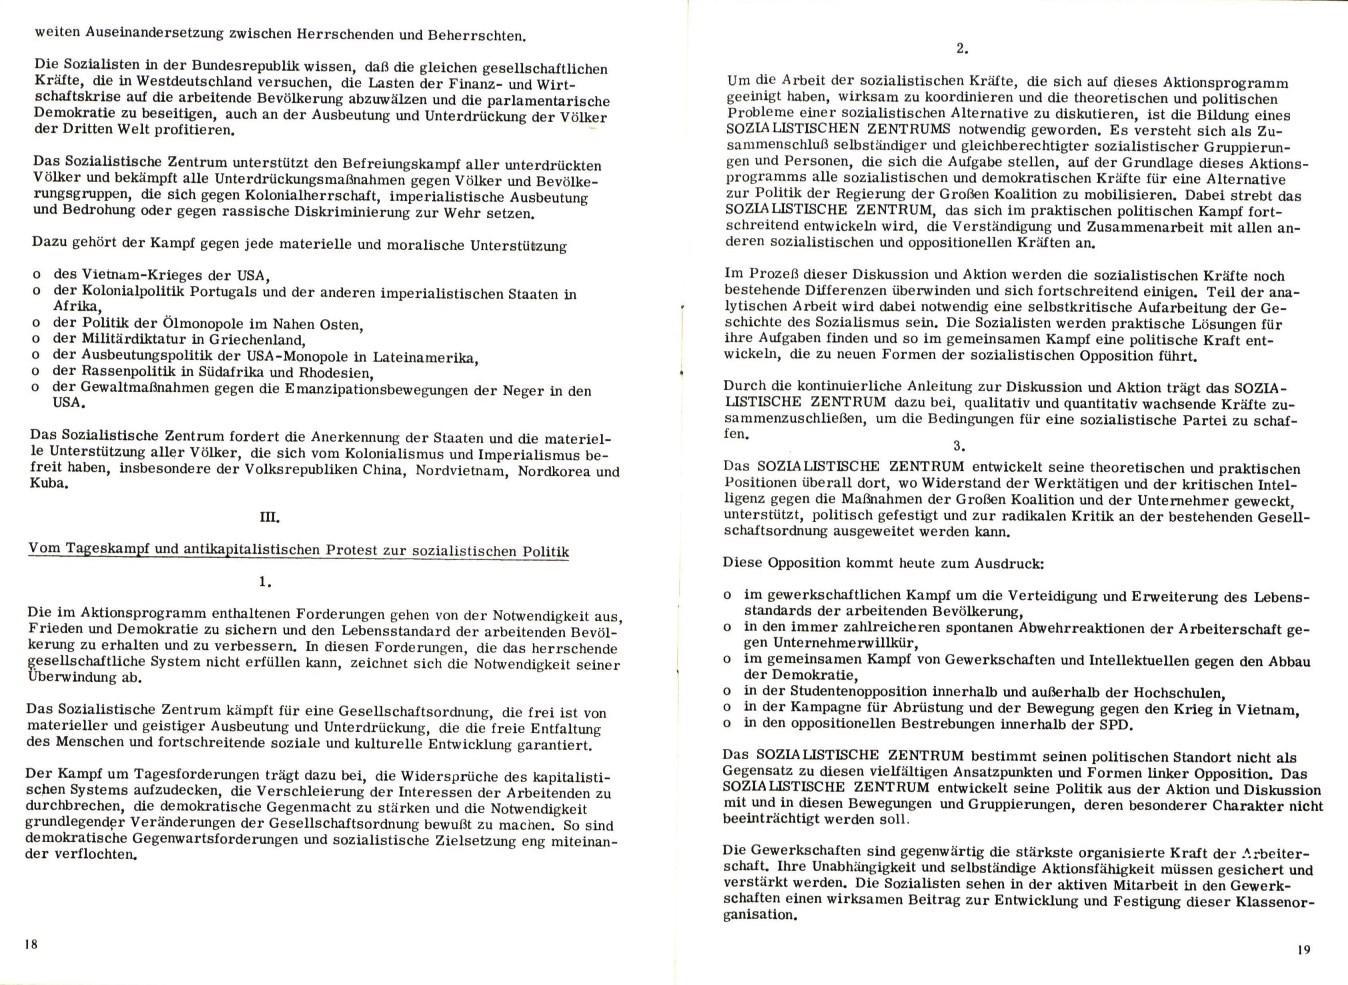 Sozialistisches_Zentrum_1968_Aktionsprogramm_10